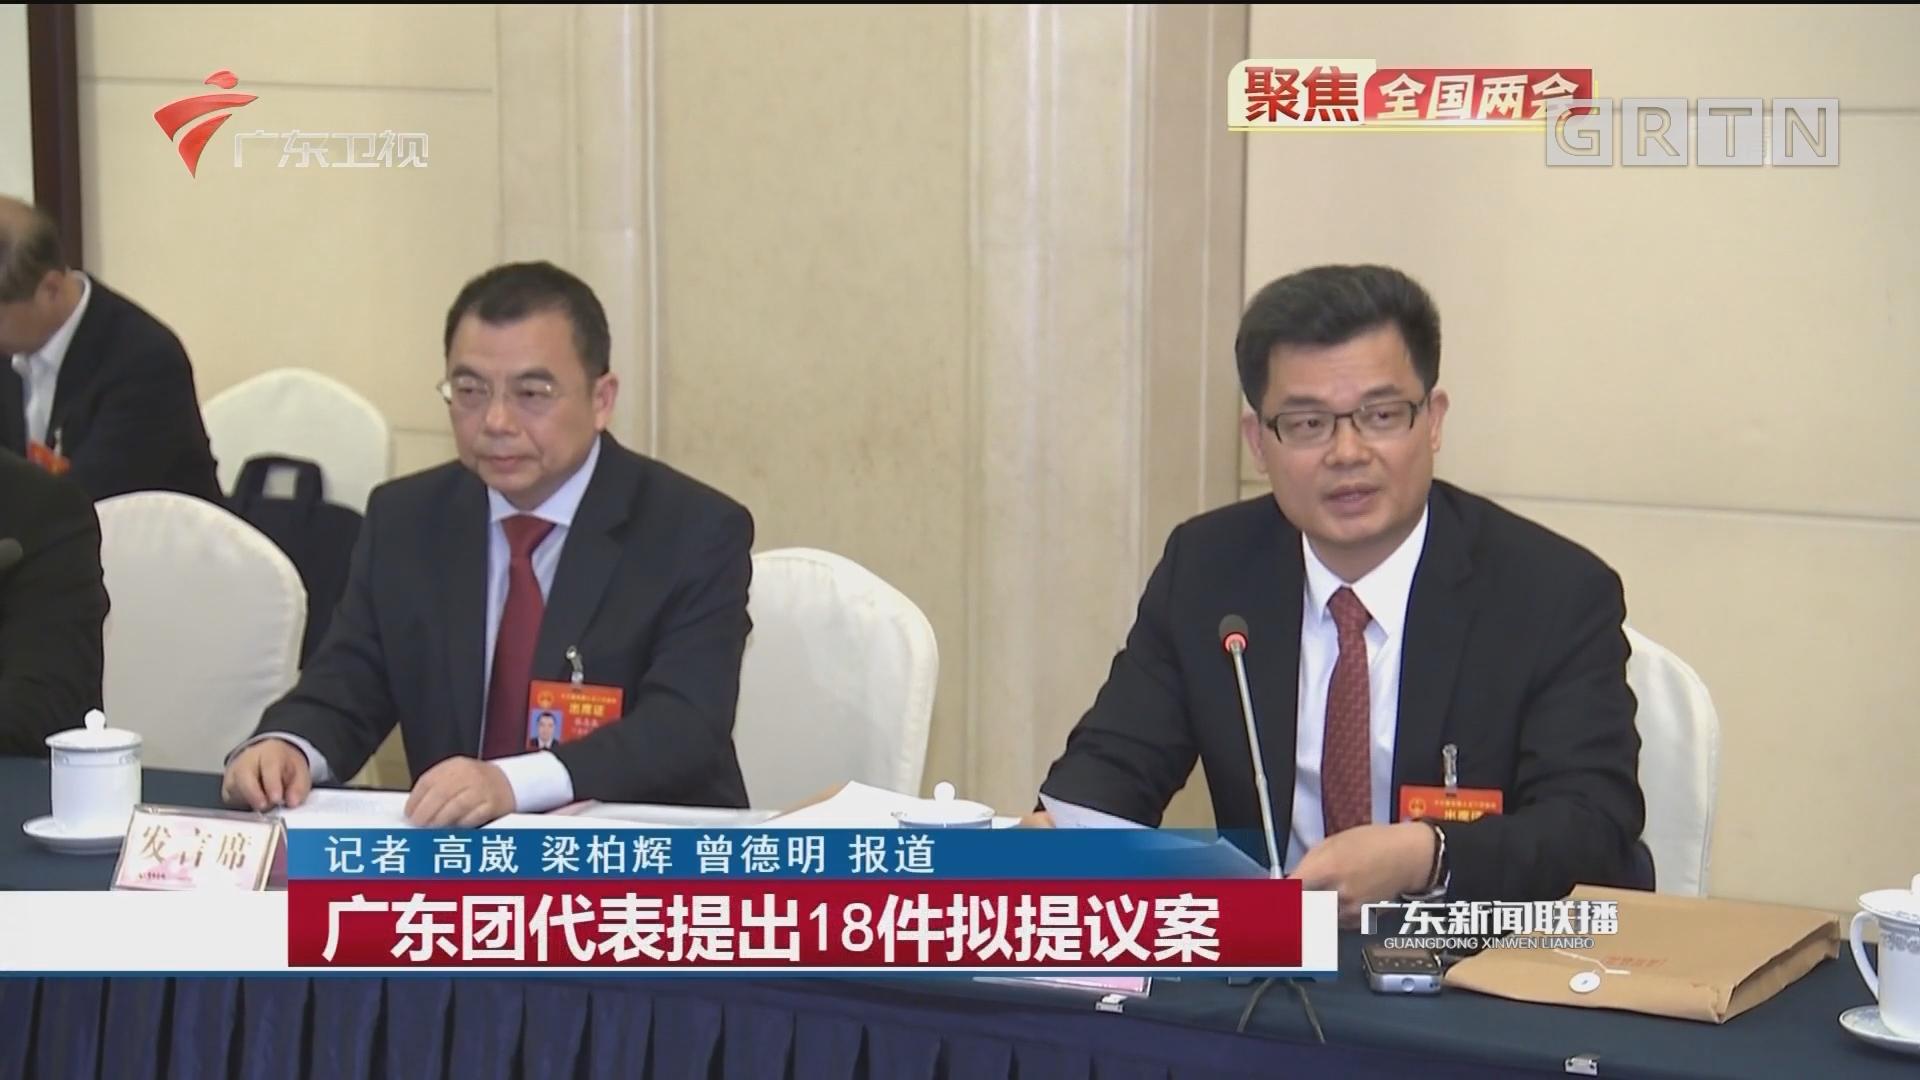 广东团代表提出18件拟提议案